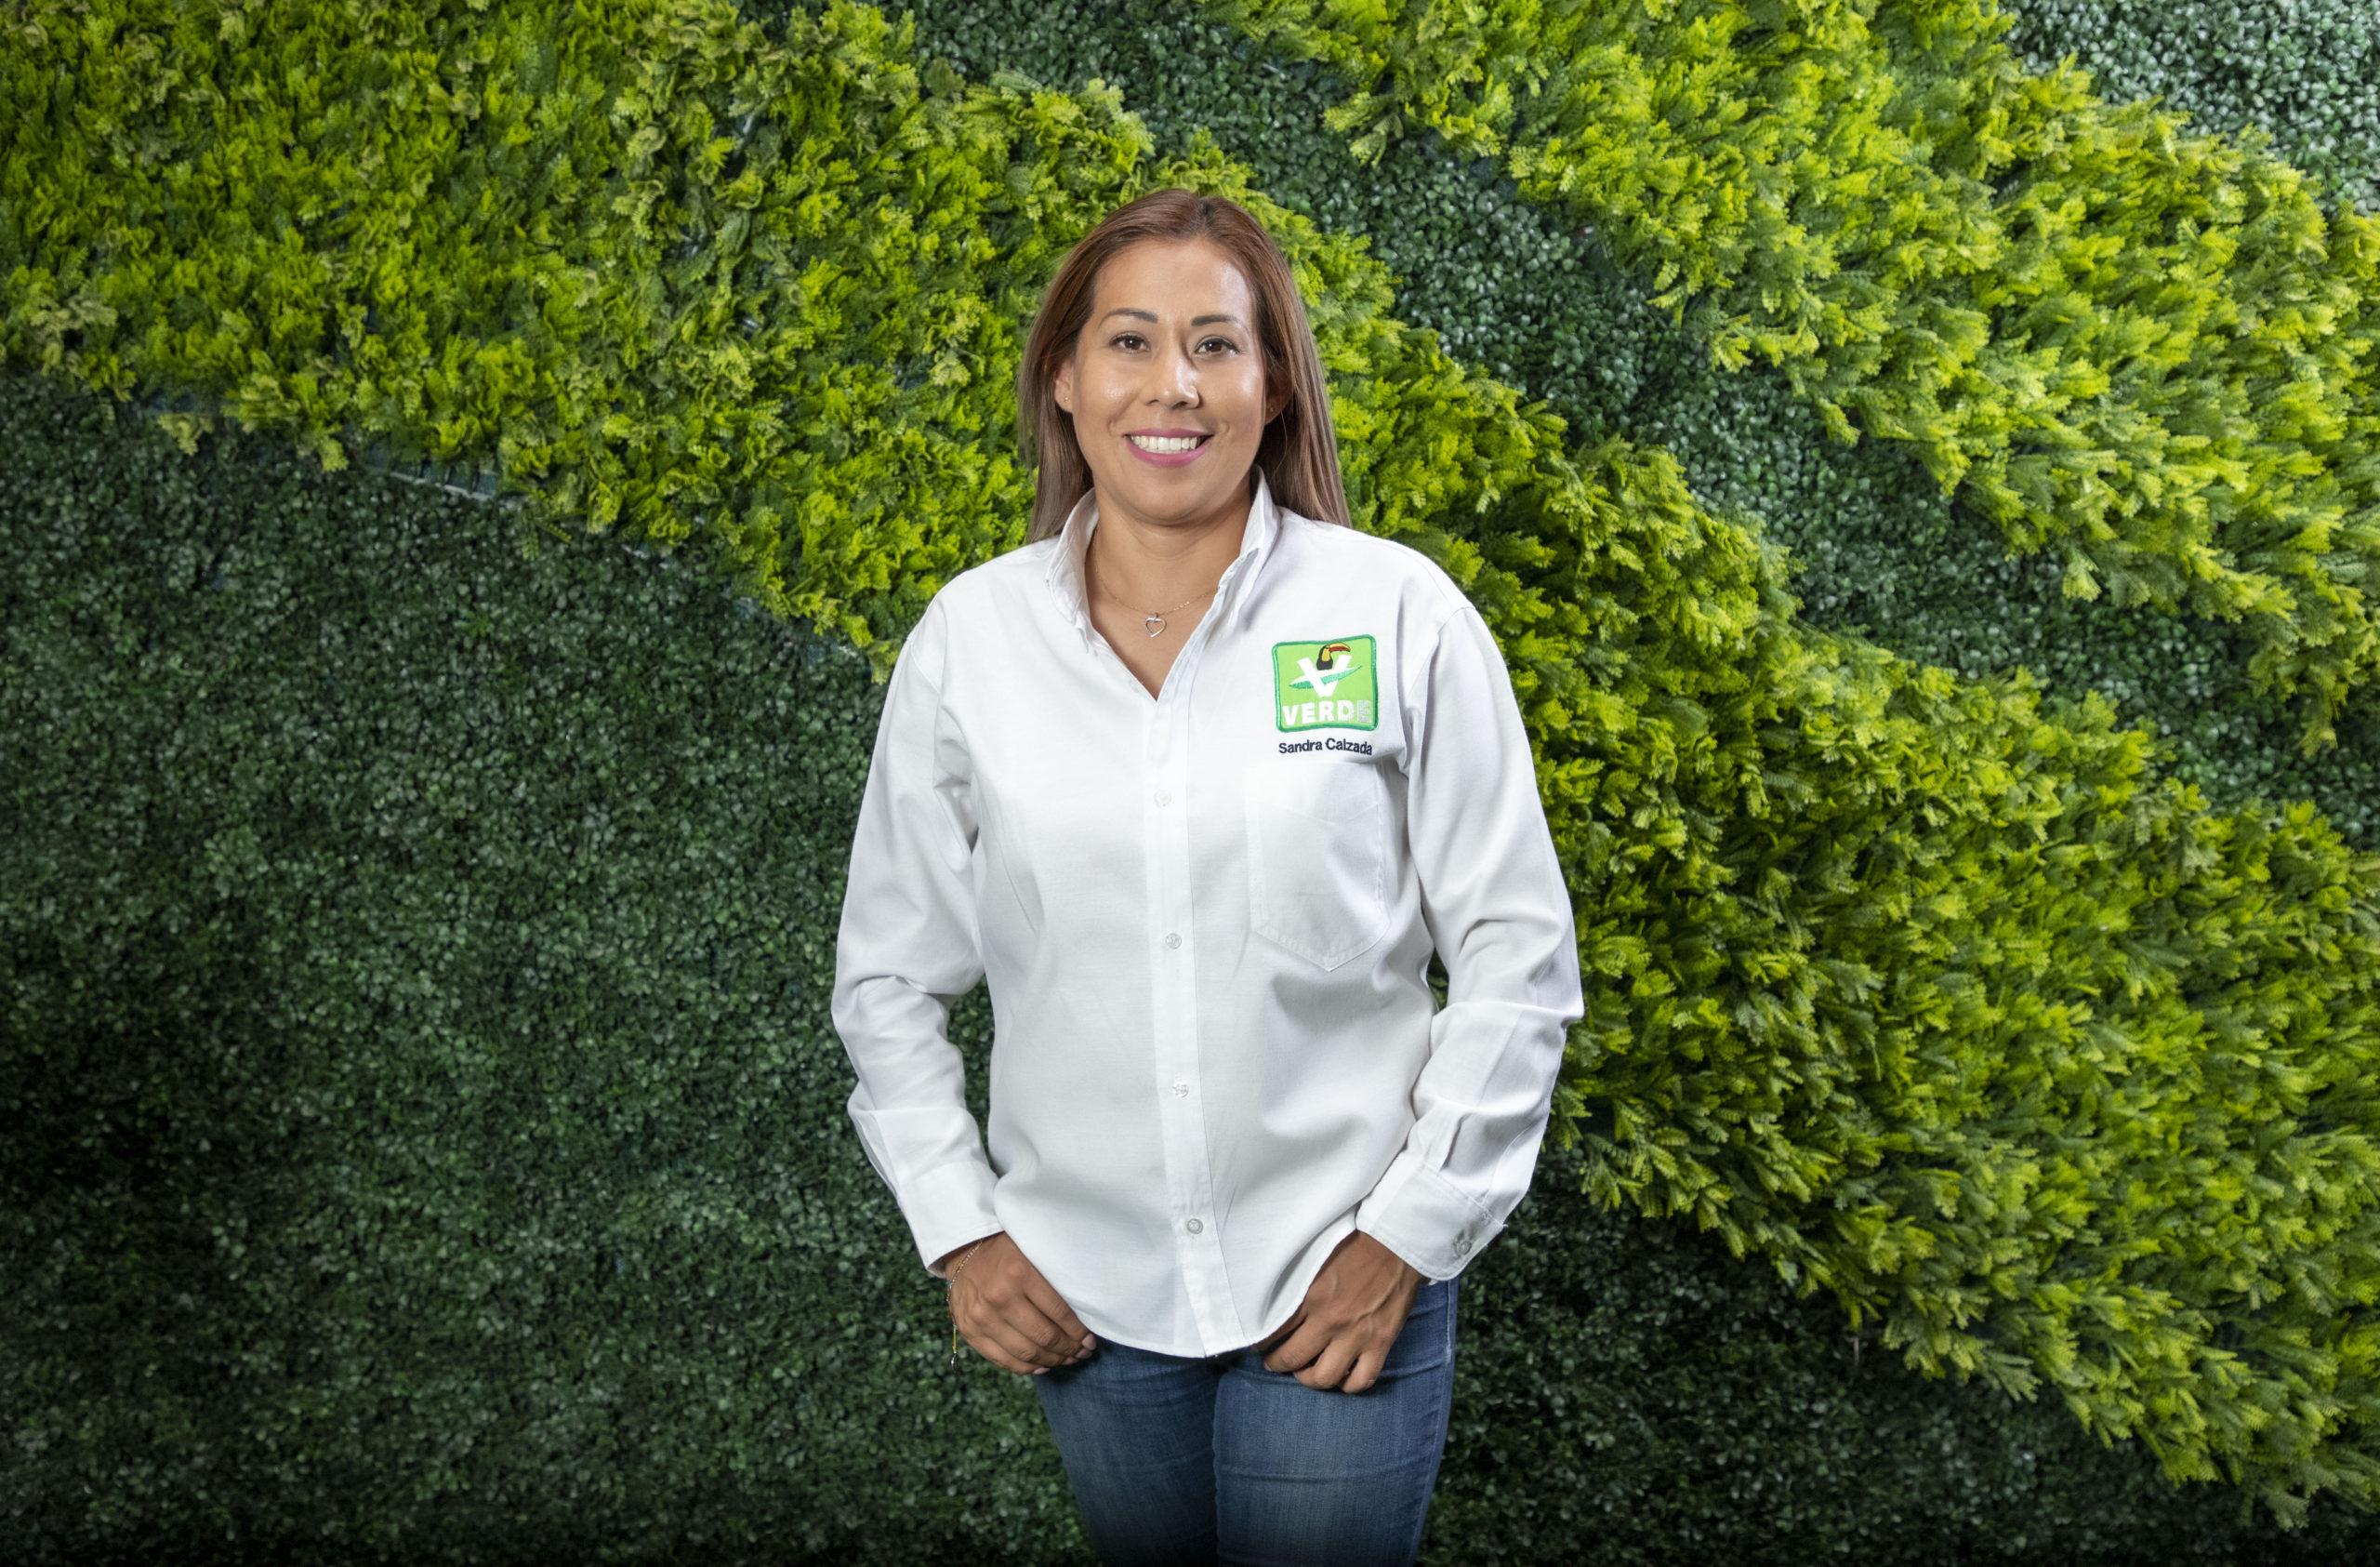 Beneficiar a la sociedad debe ser prioritario: Sandra Calzada